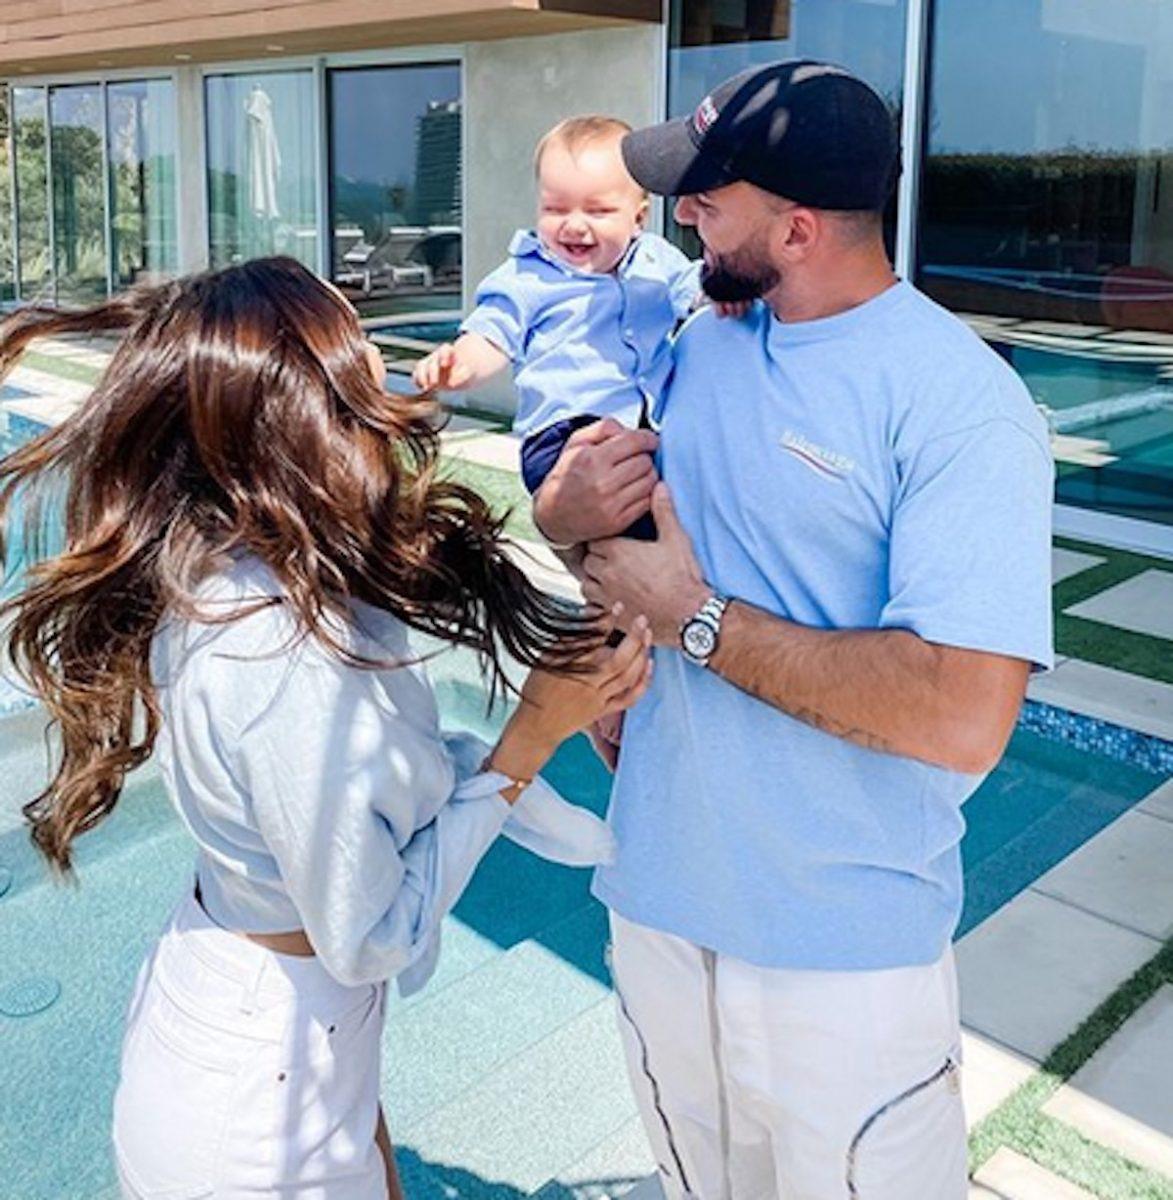 Nabilla et Thomas Vergara sont parents d'un petit garçon de dix mois. Une photo récente a provoqué la colère des internautes.